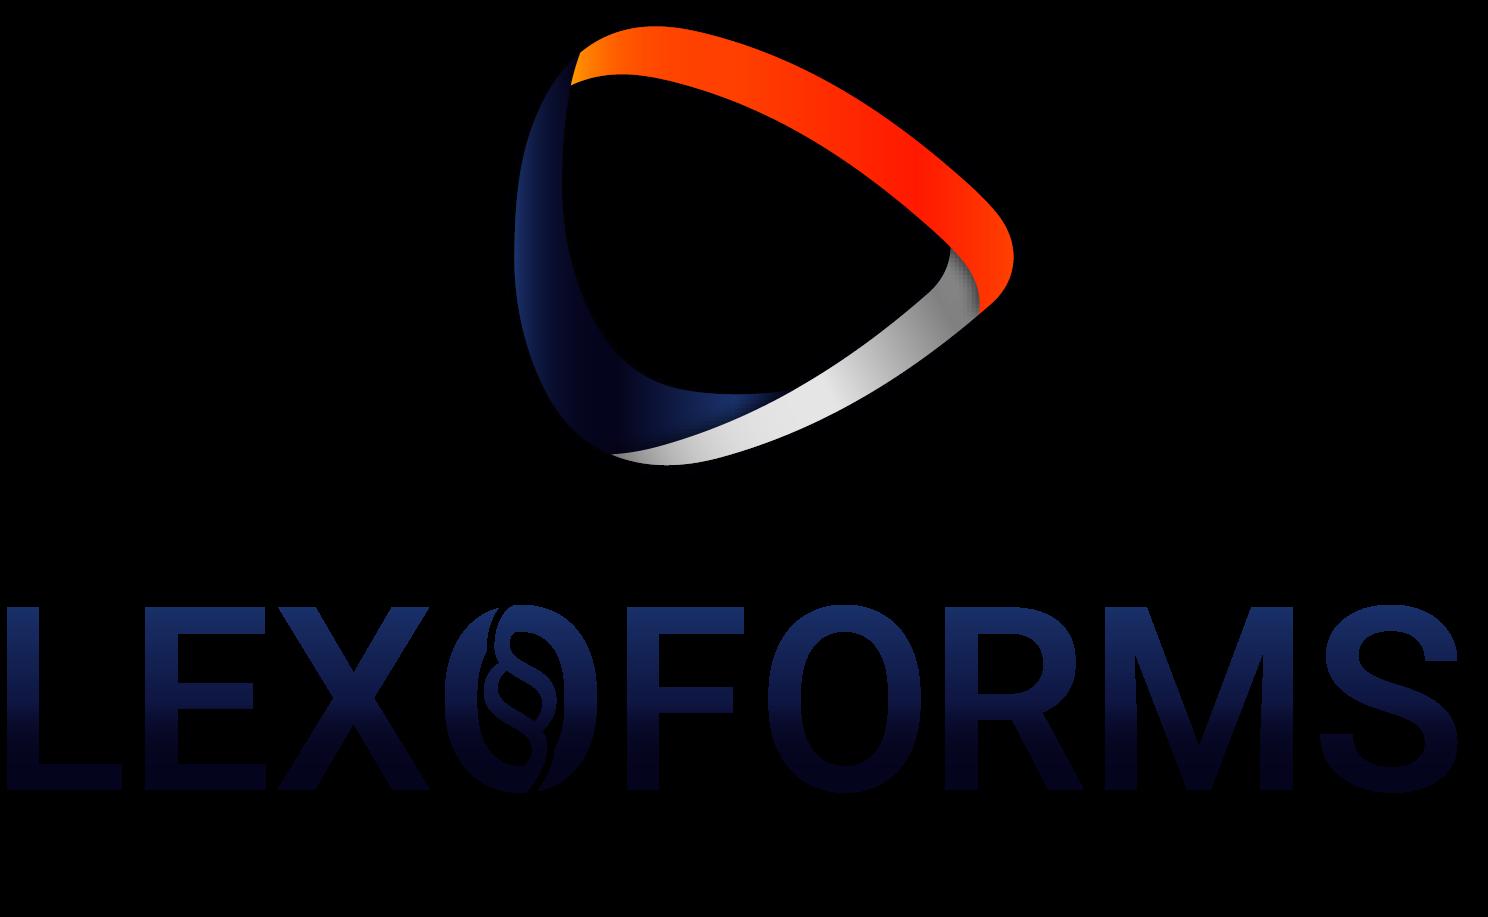 Lexoforms logo